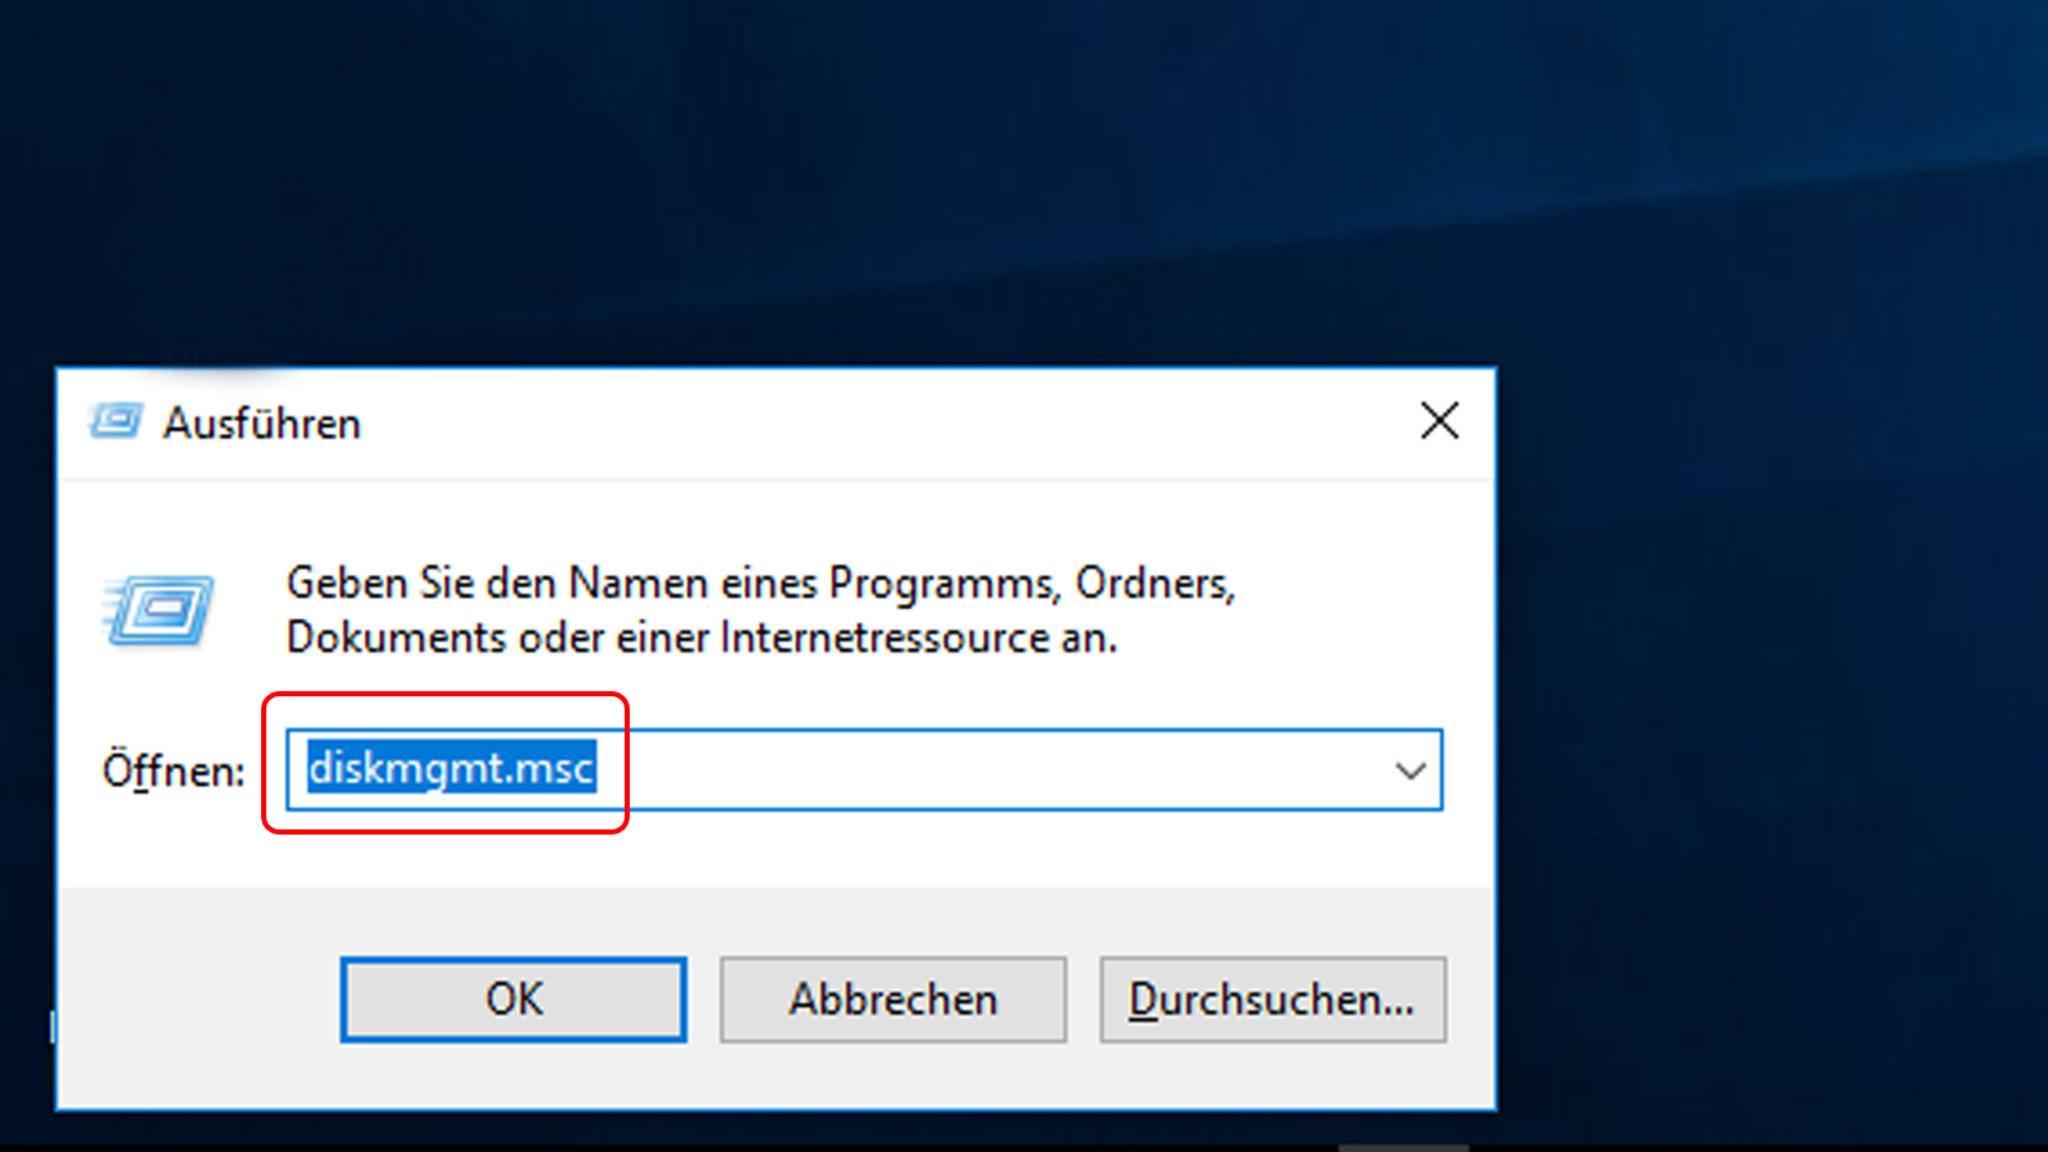 """Um die Datenträgerverwaltung zu öffnen, drücke """"Windows + R"""", tippe dann """"diskmgmt.msc"""" ein und klicke auf OK."""